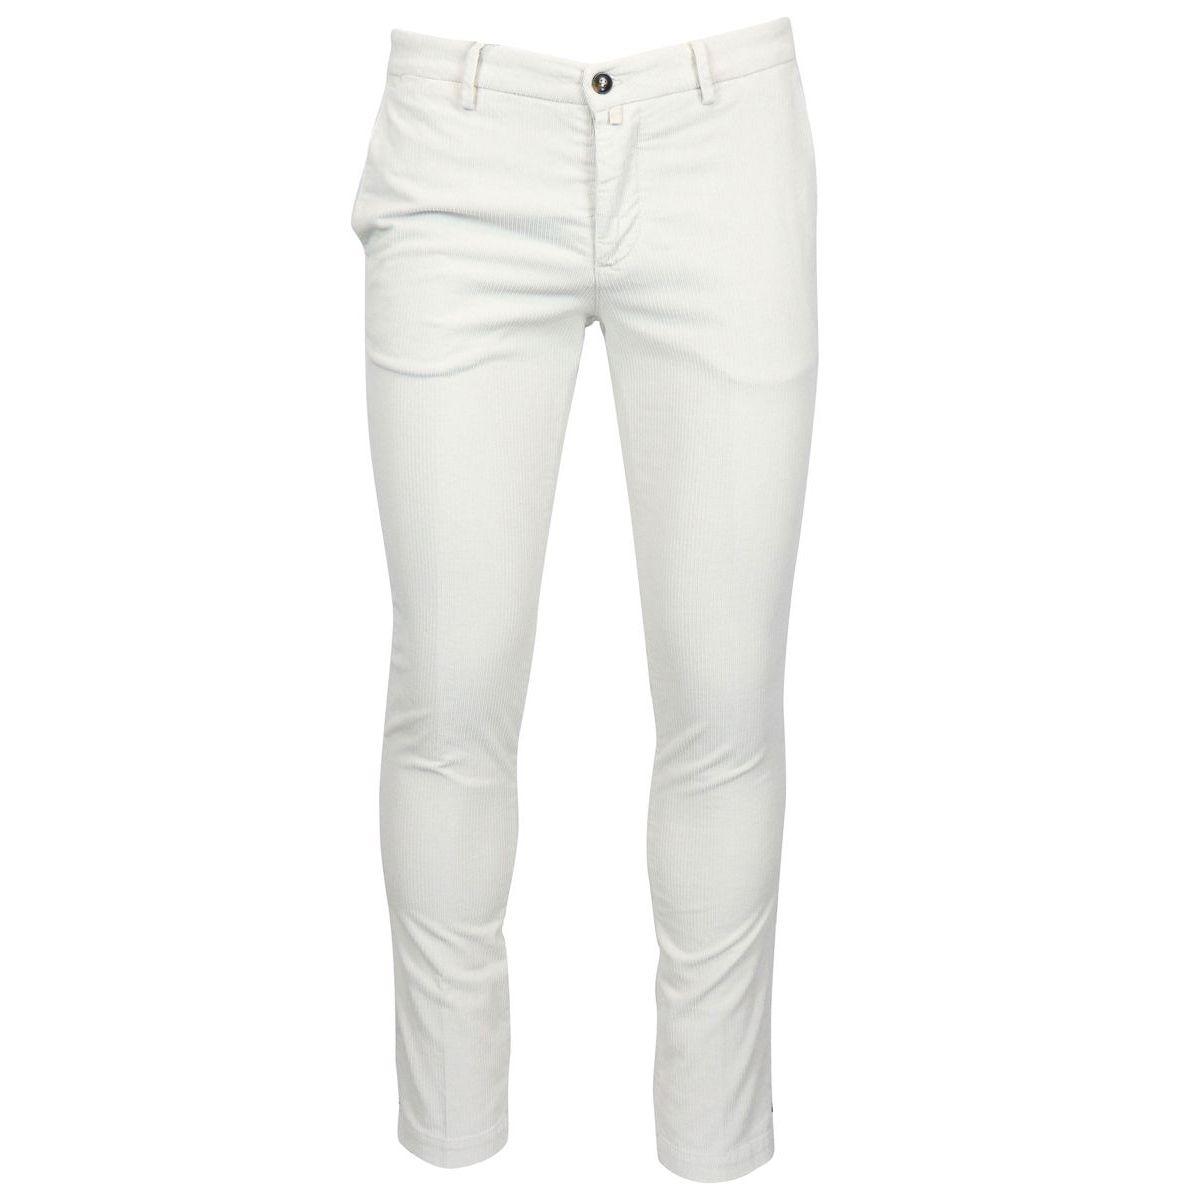 Briglia Pantalone Uomo Velluto Bianco